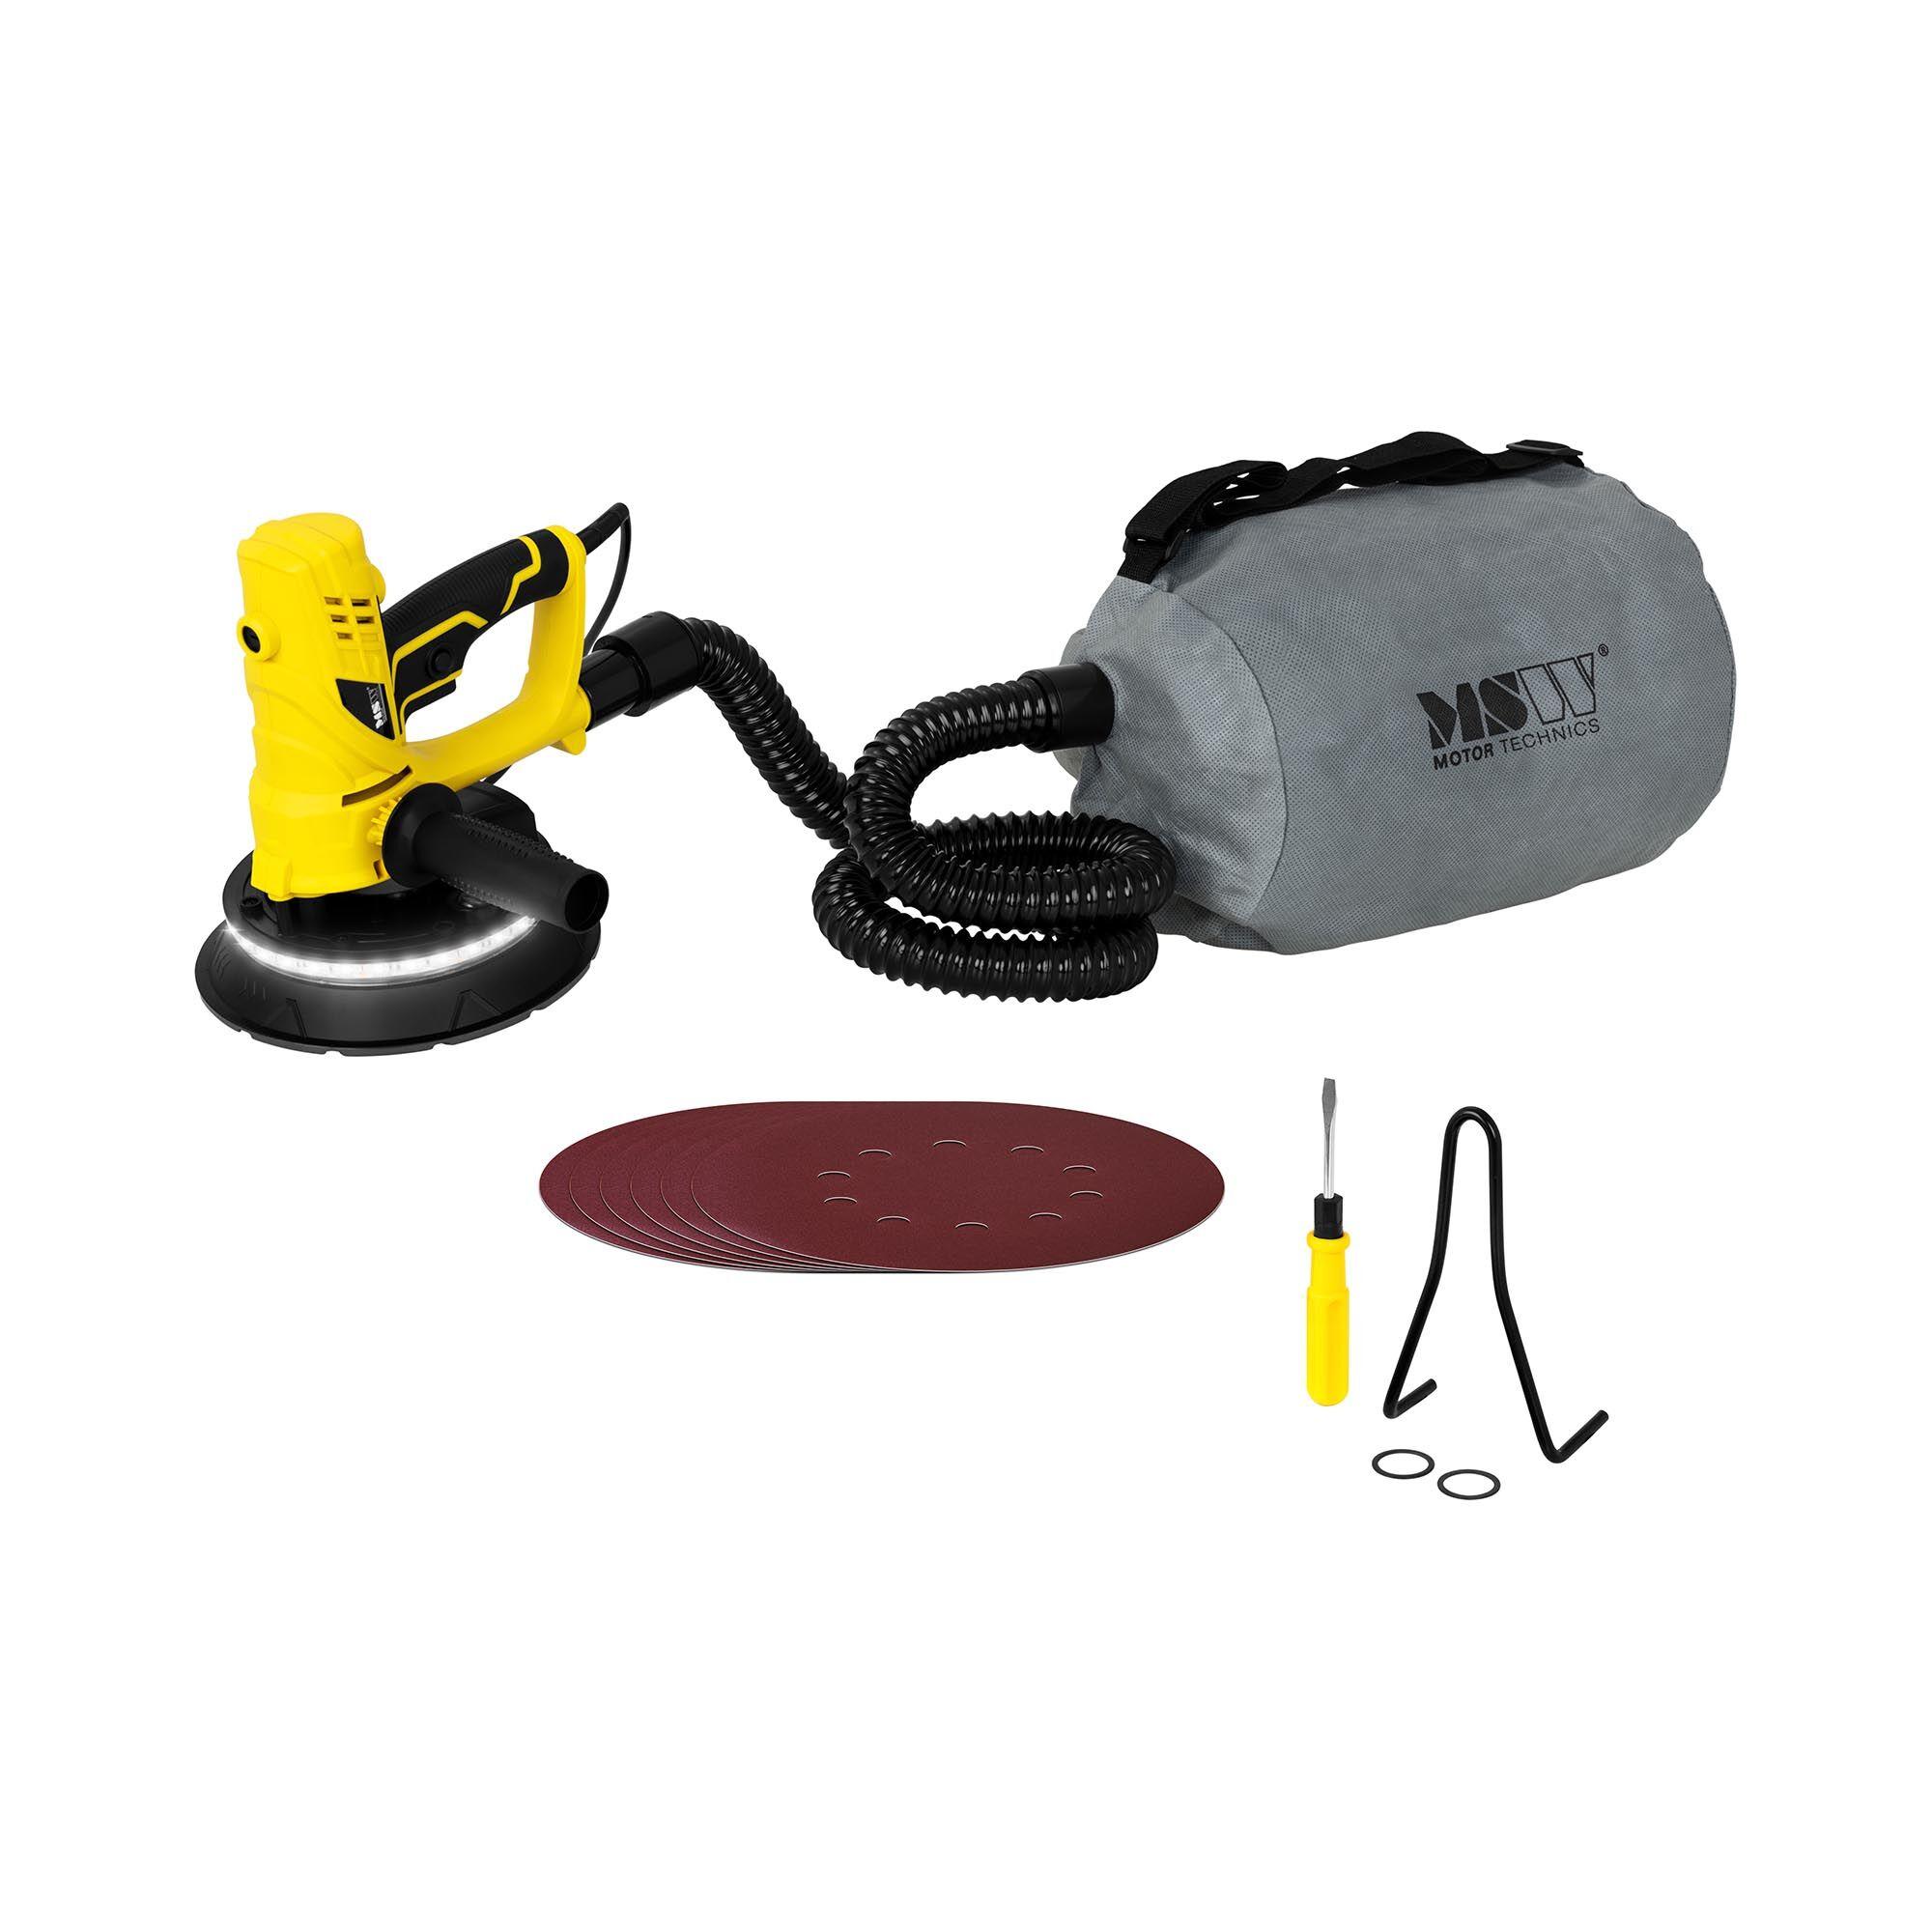 msw levigatrice per muri - 850 w - con luce al led e sacchetto per la polvere -dws850wl